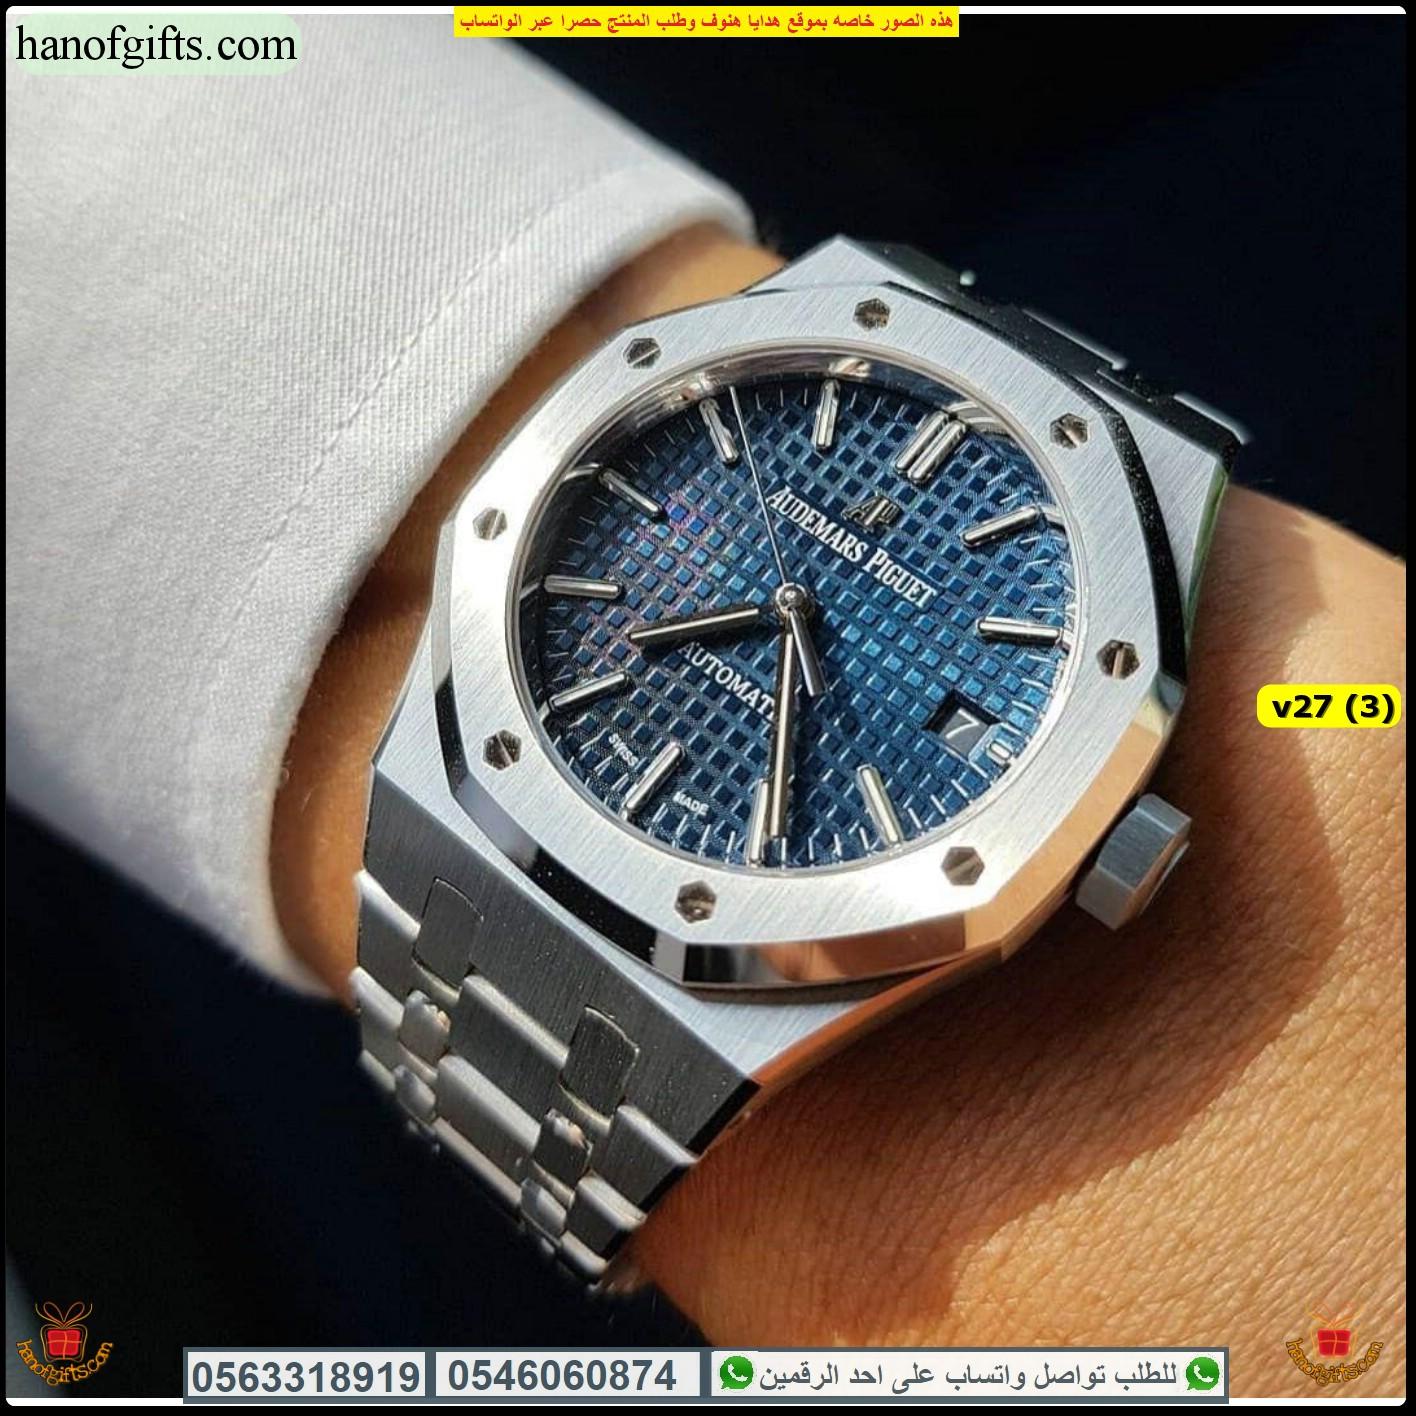 ساعة ماركة ادمر بياجيه للبيع